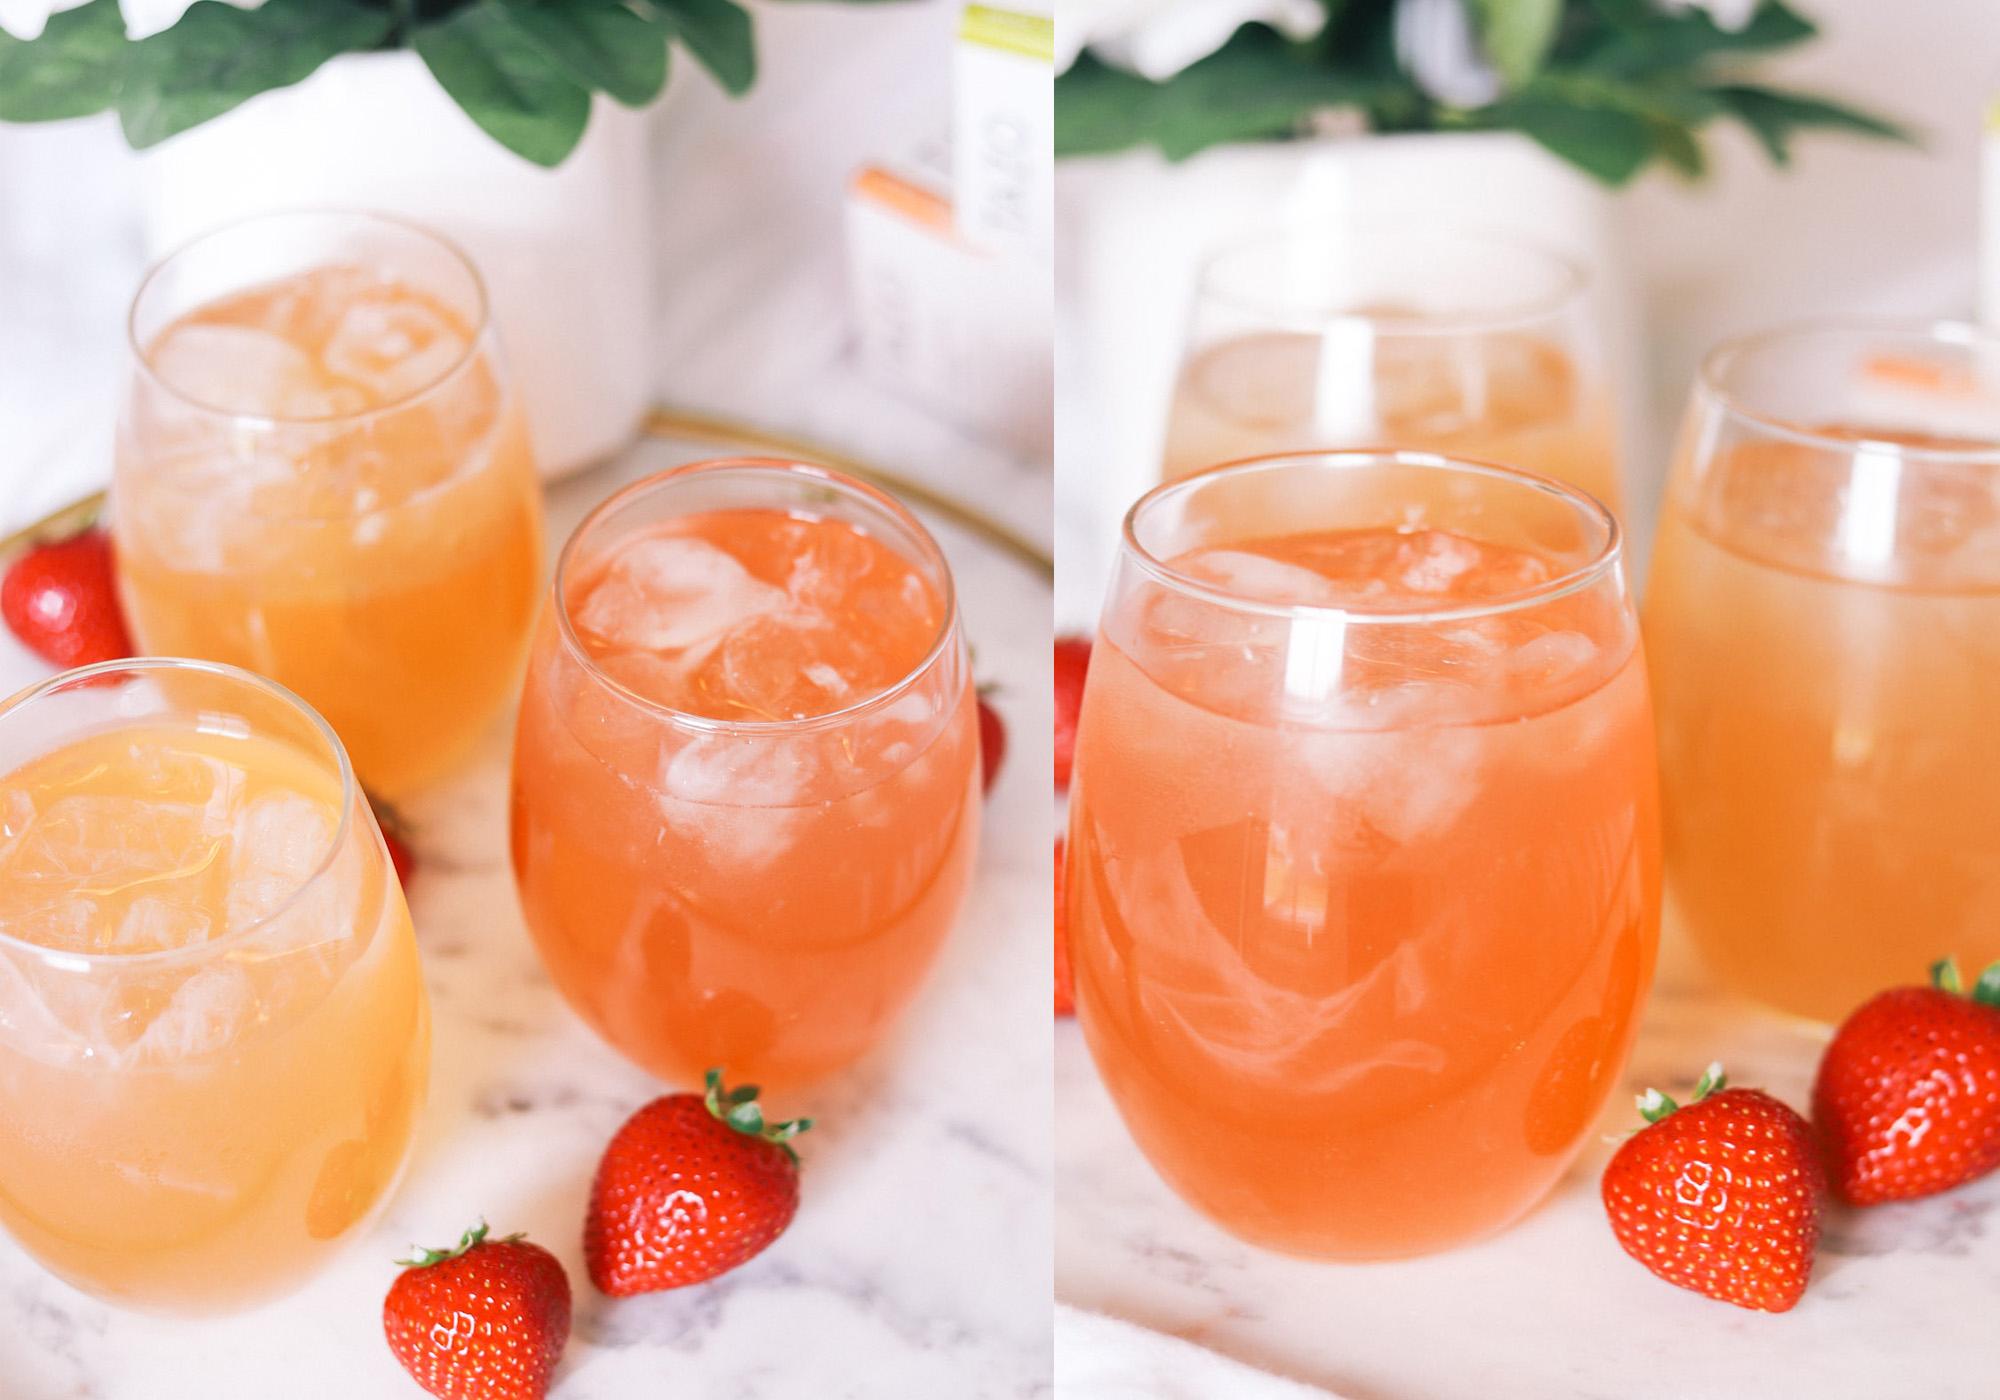 Tea recipe ideas | tazo tea | strawberry tea | Ashley Brooke Nicholas